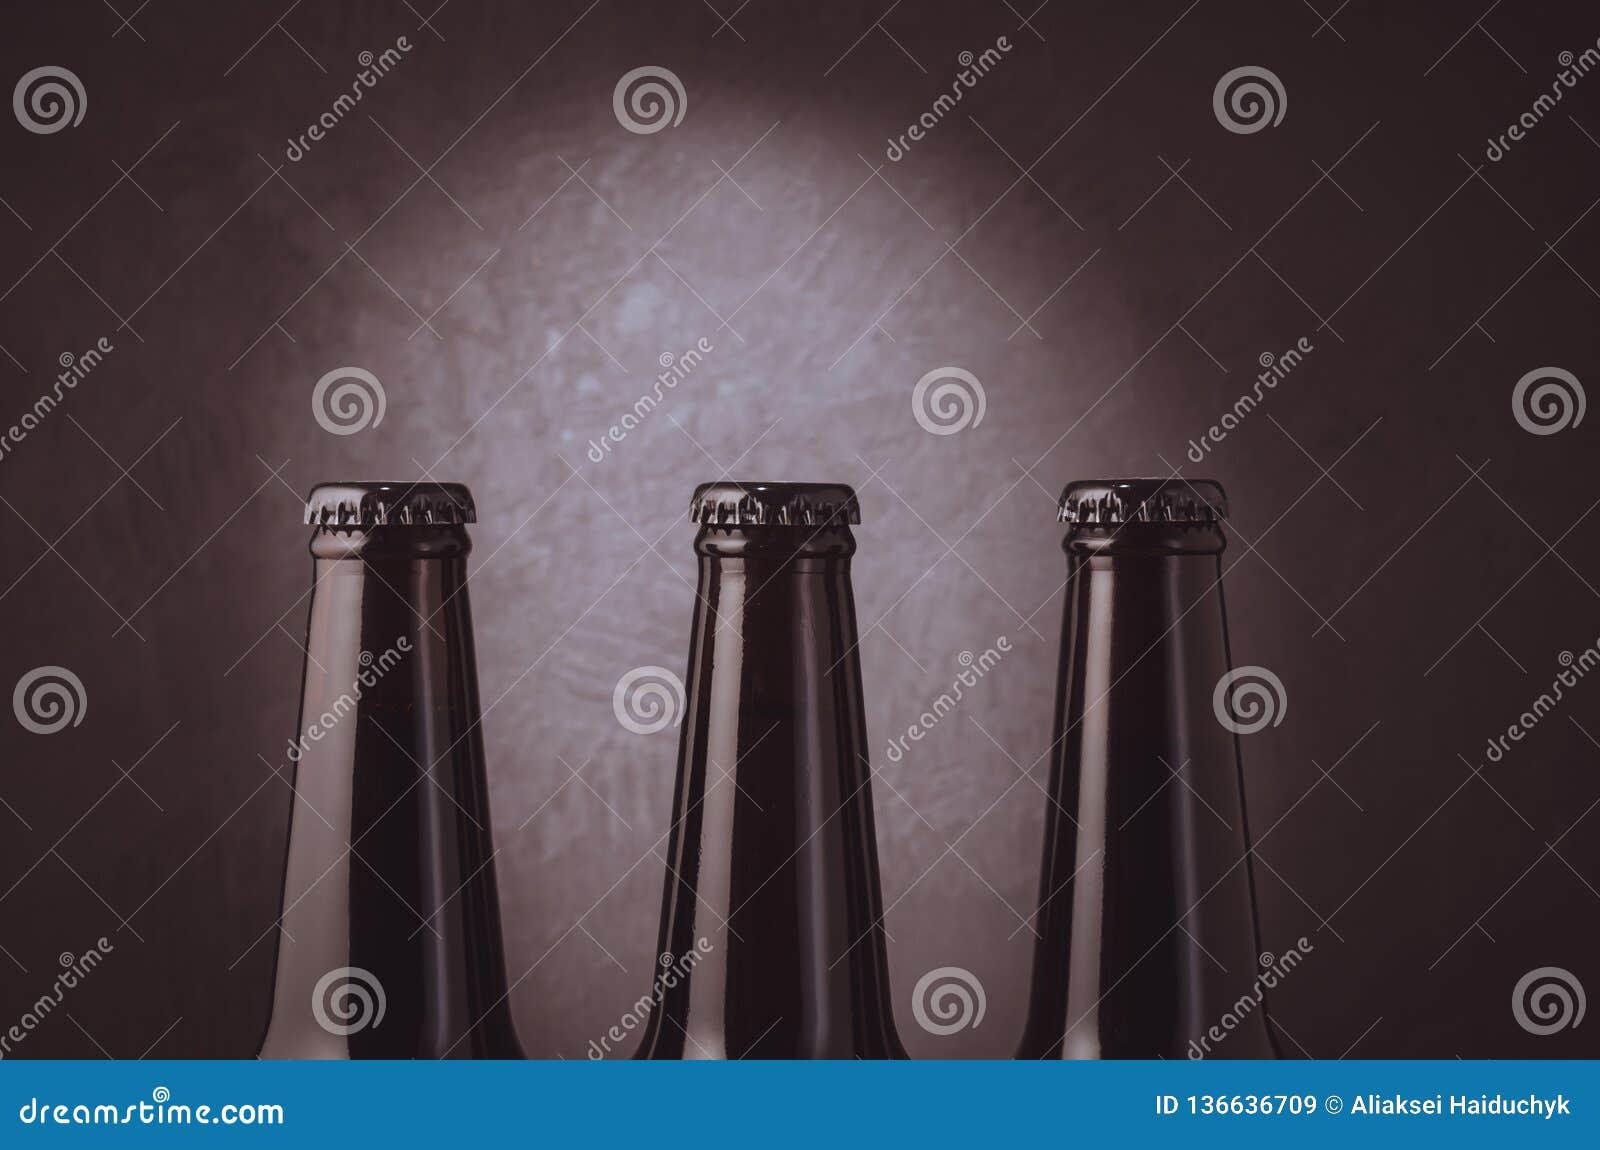 three black bottles of beer on a dark background with light/ three black bottles of beer on a dark background with light